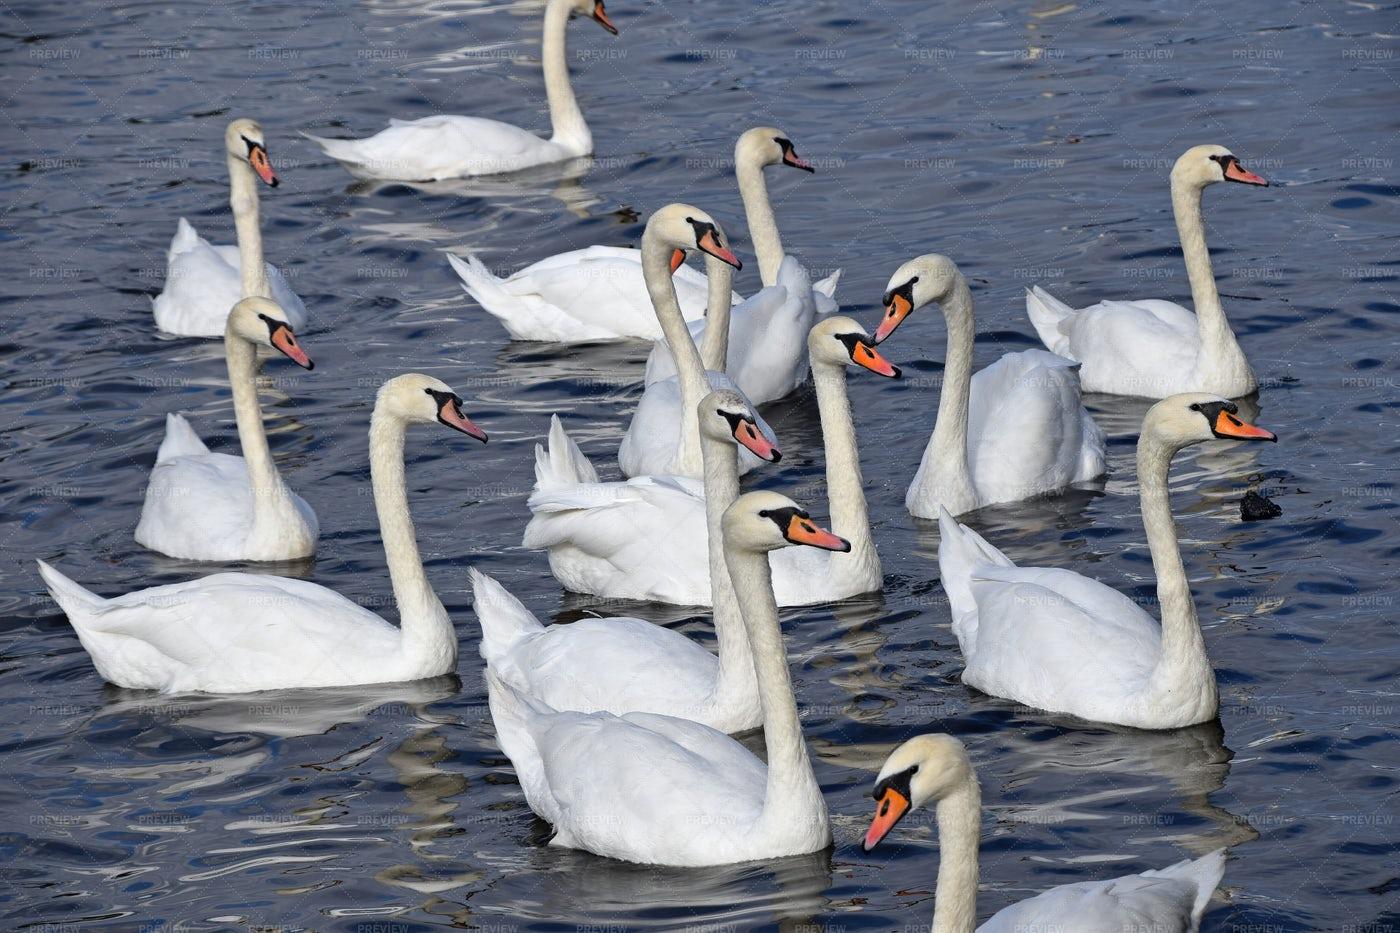 White Swans Swimming: Stock Photos